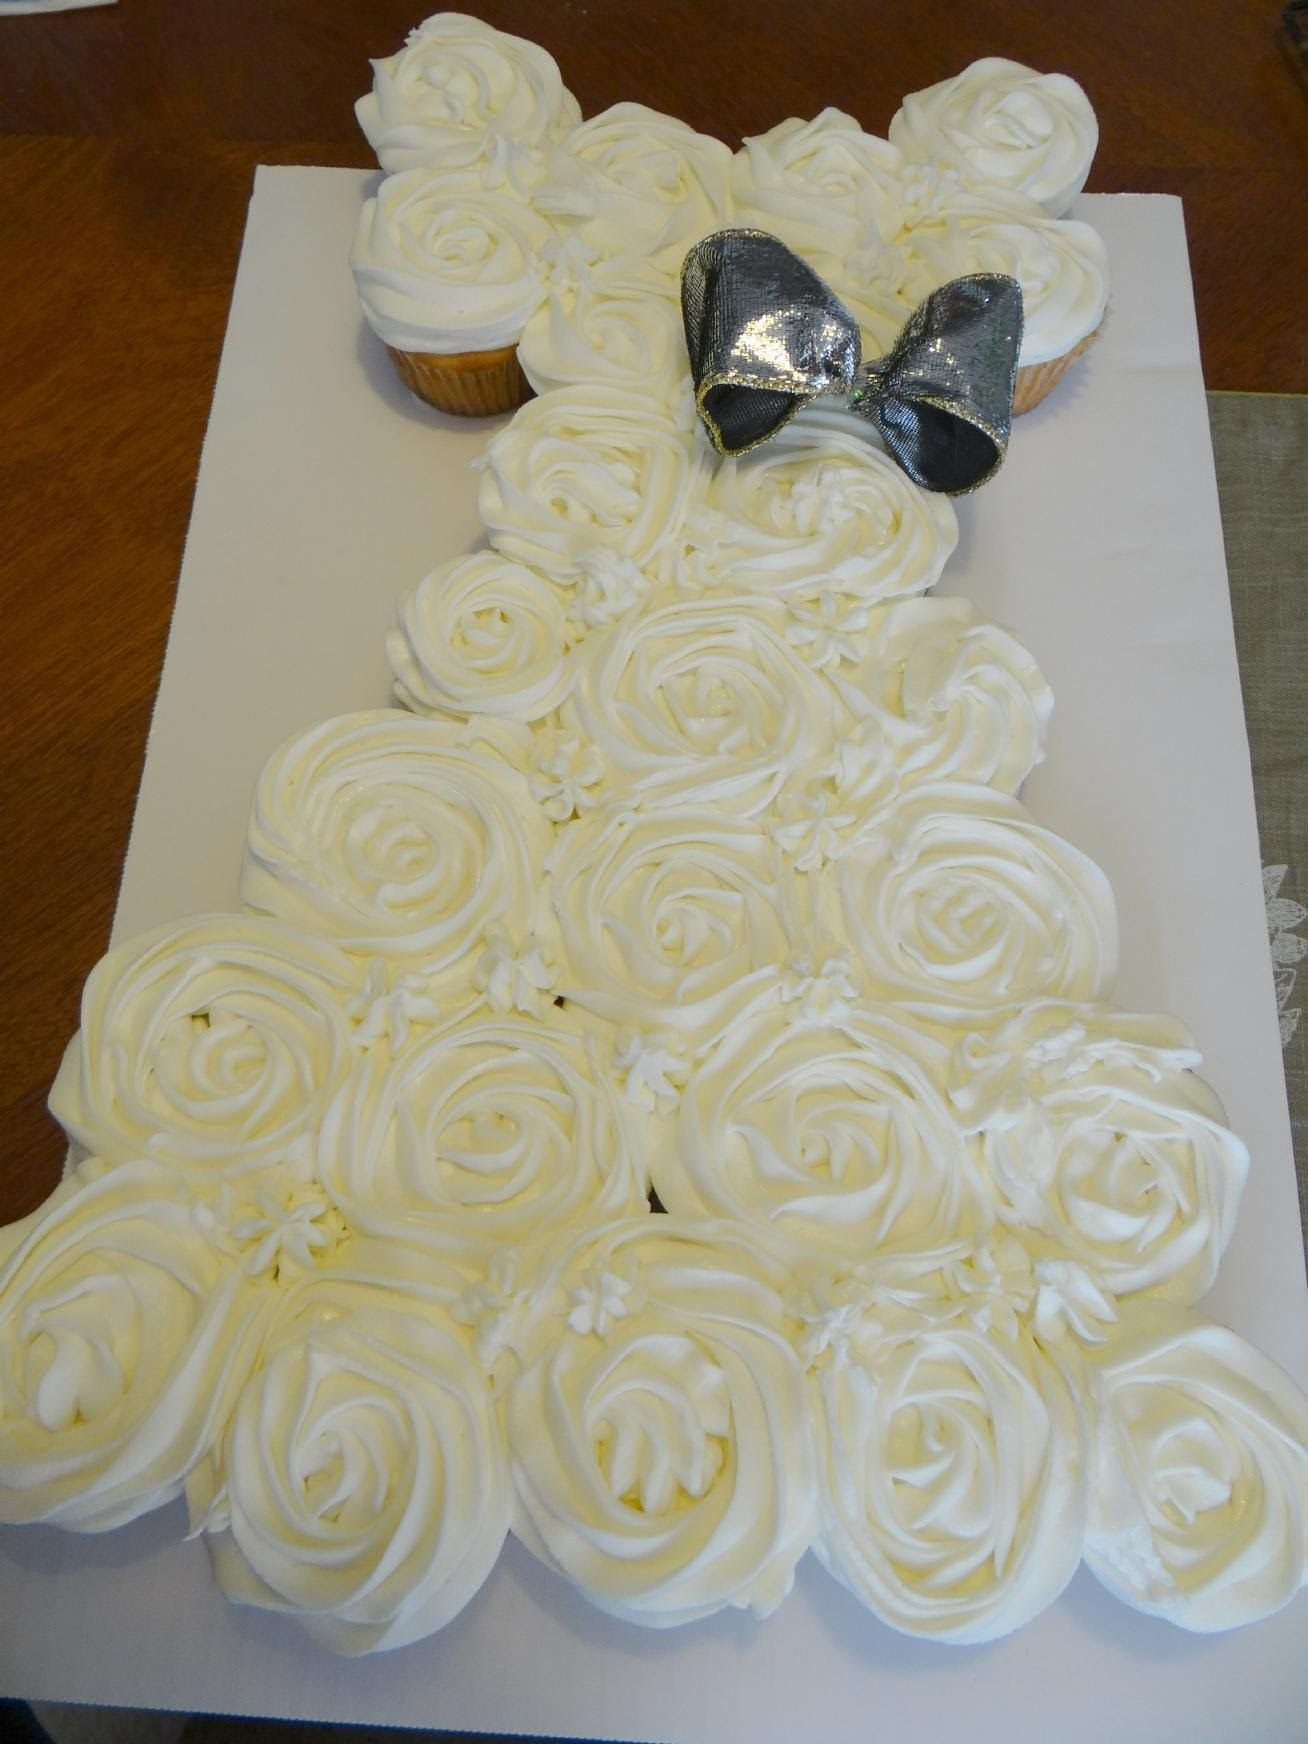 Wedding gown pull apart cupcake cake methodology fun for Wedding dress cupcake cake